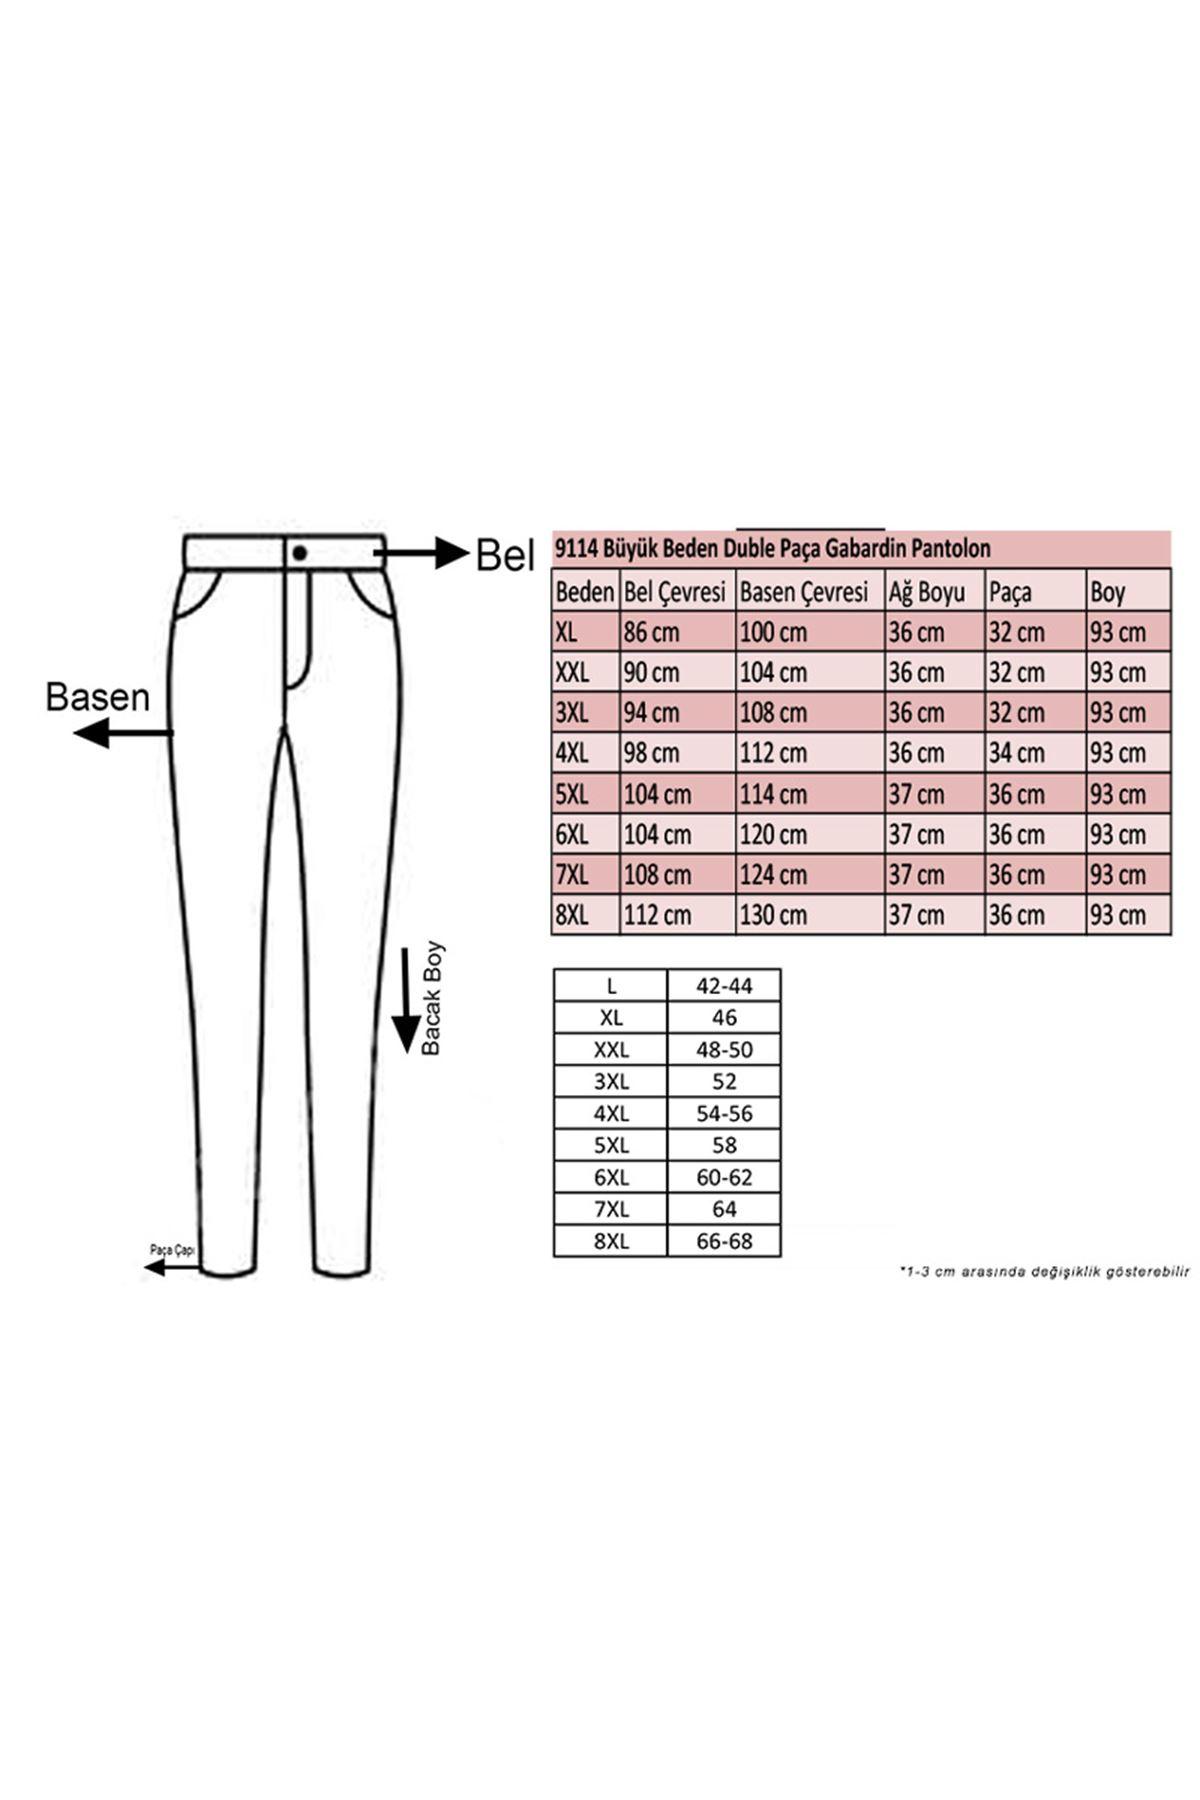 9114 Büyük Beden Duble Paça Gabardin Pantolon - Nefti